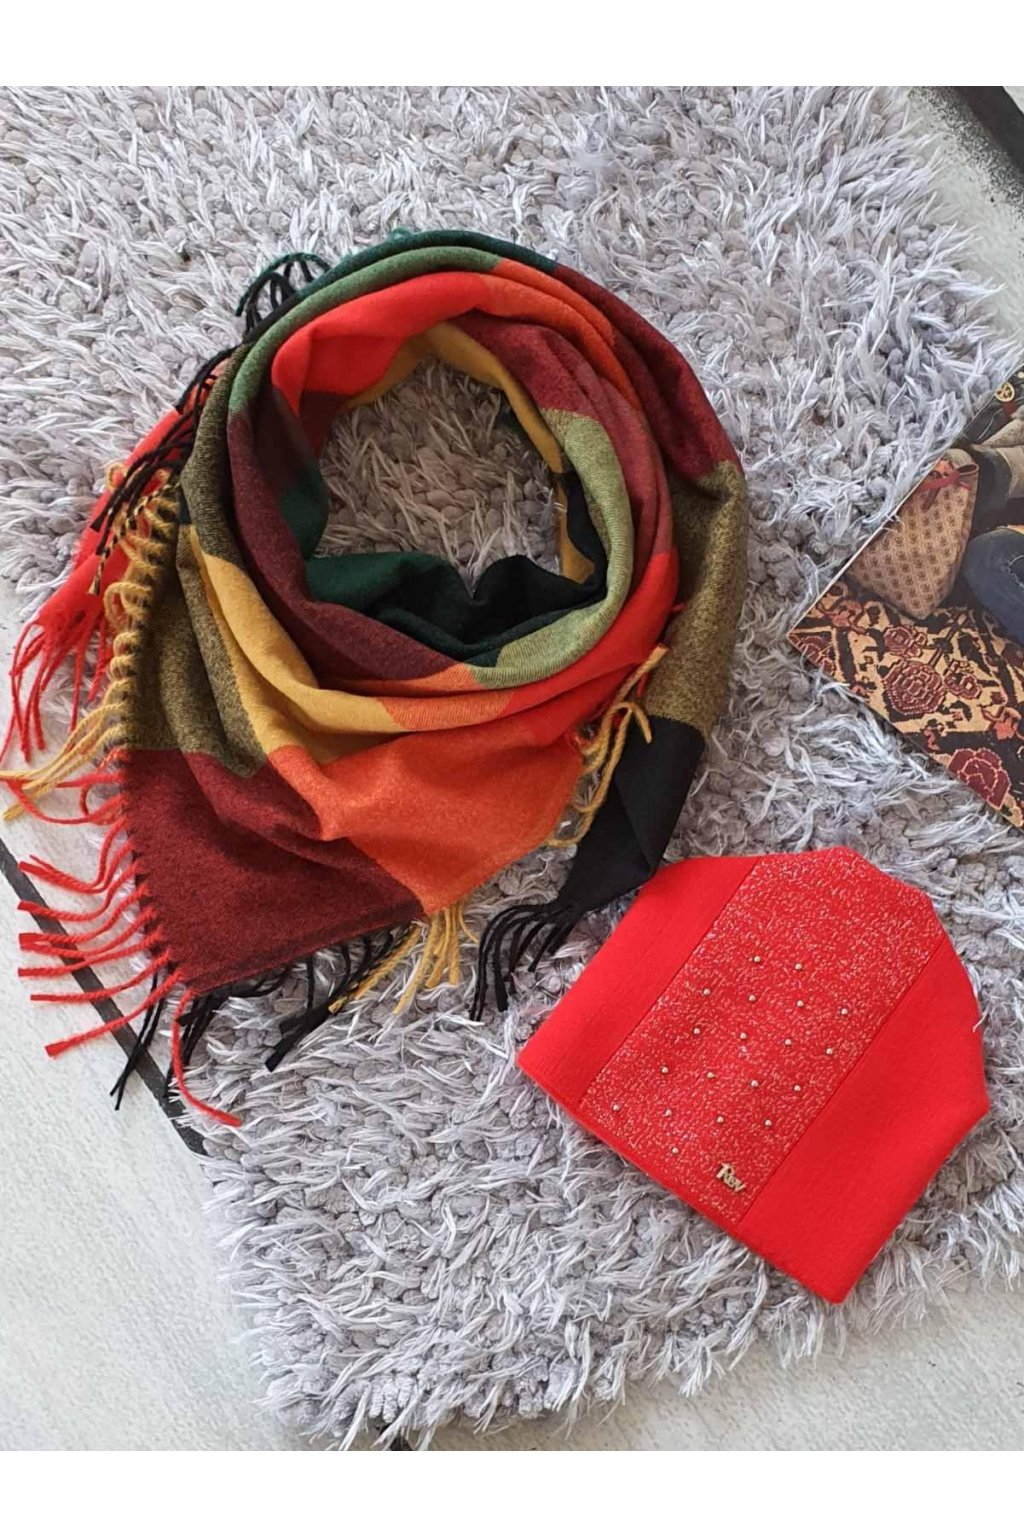 Sladěný set čepice a šátku v červené barvě